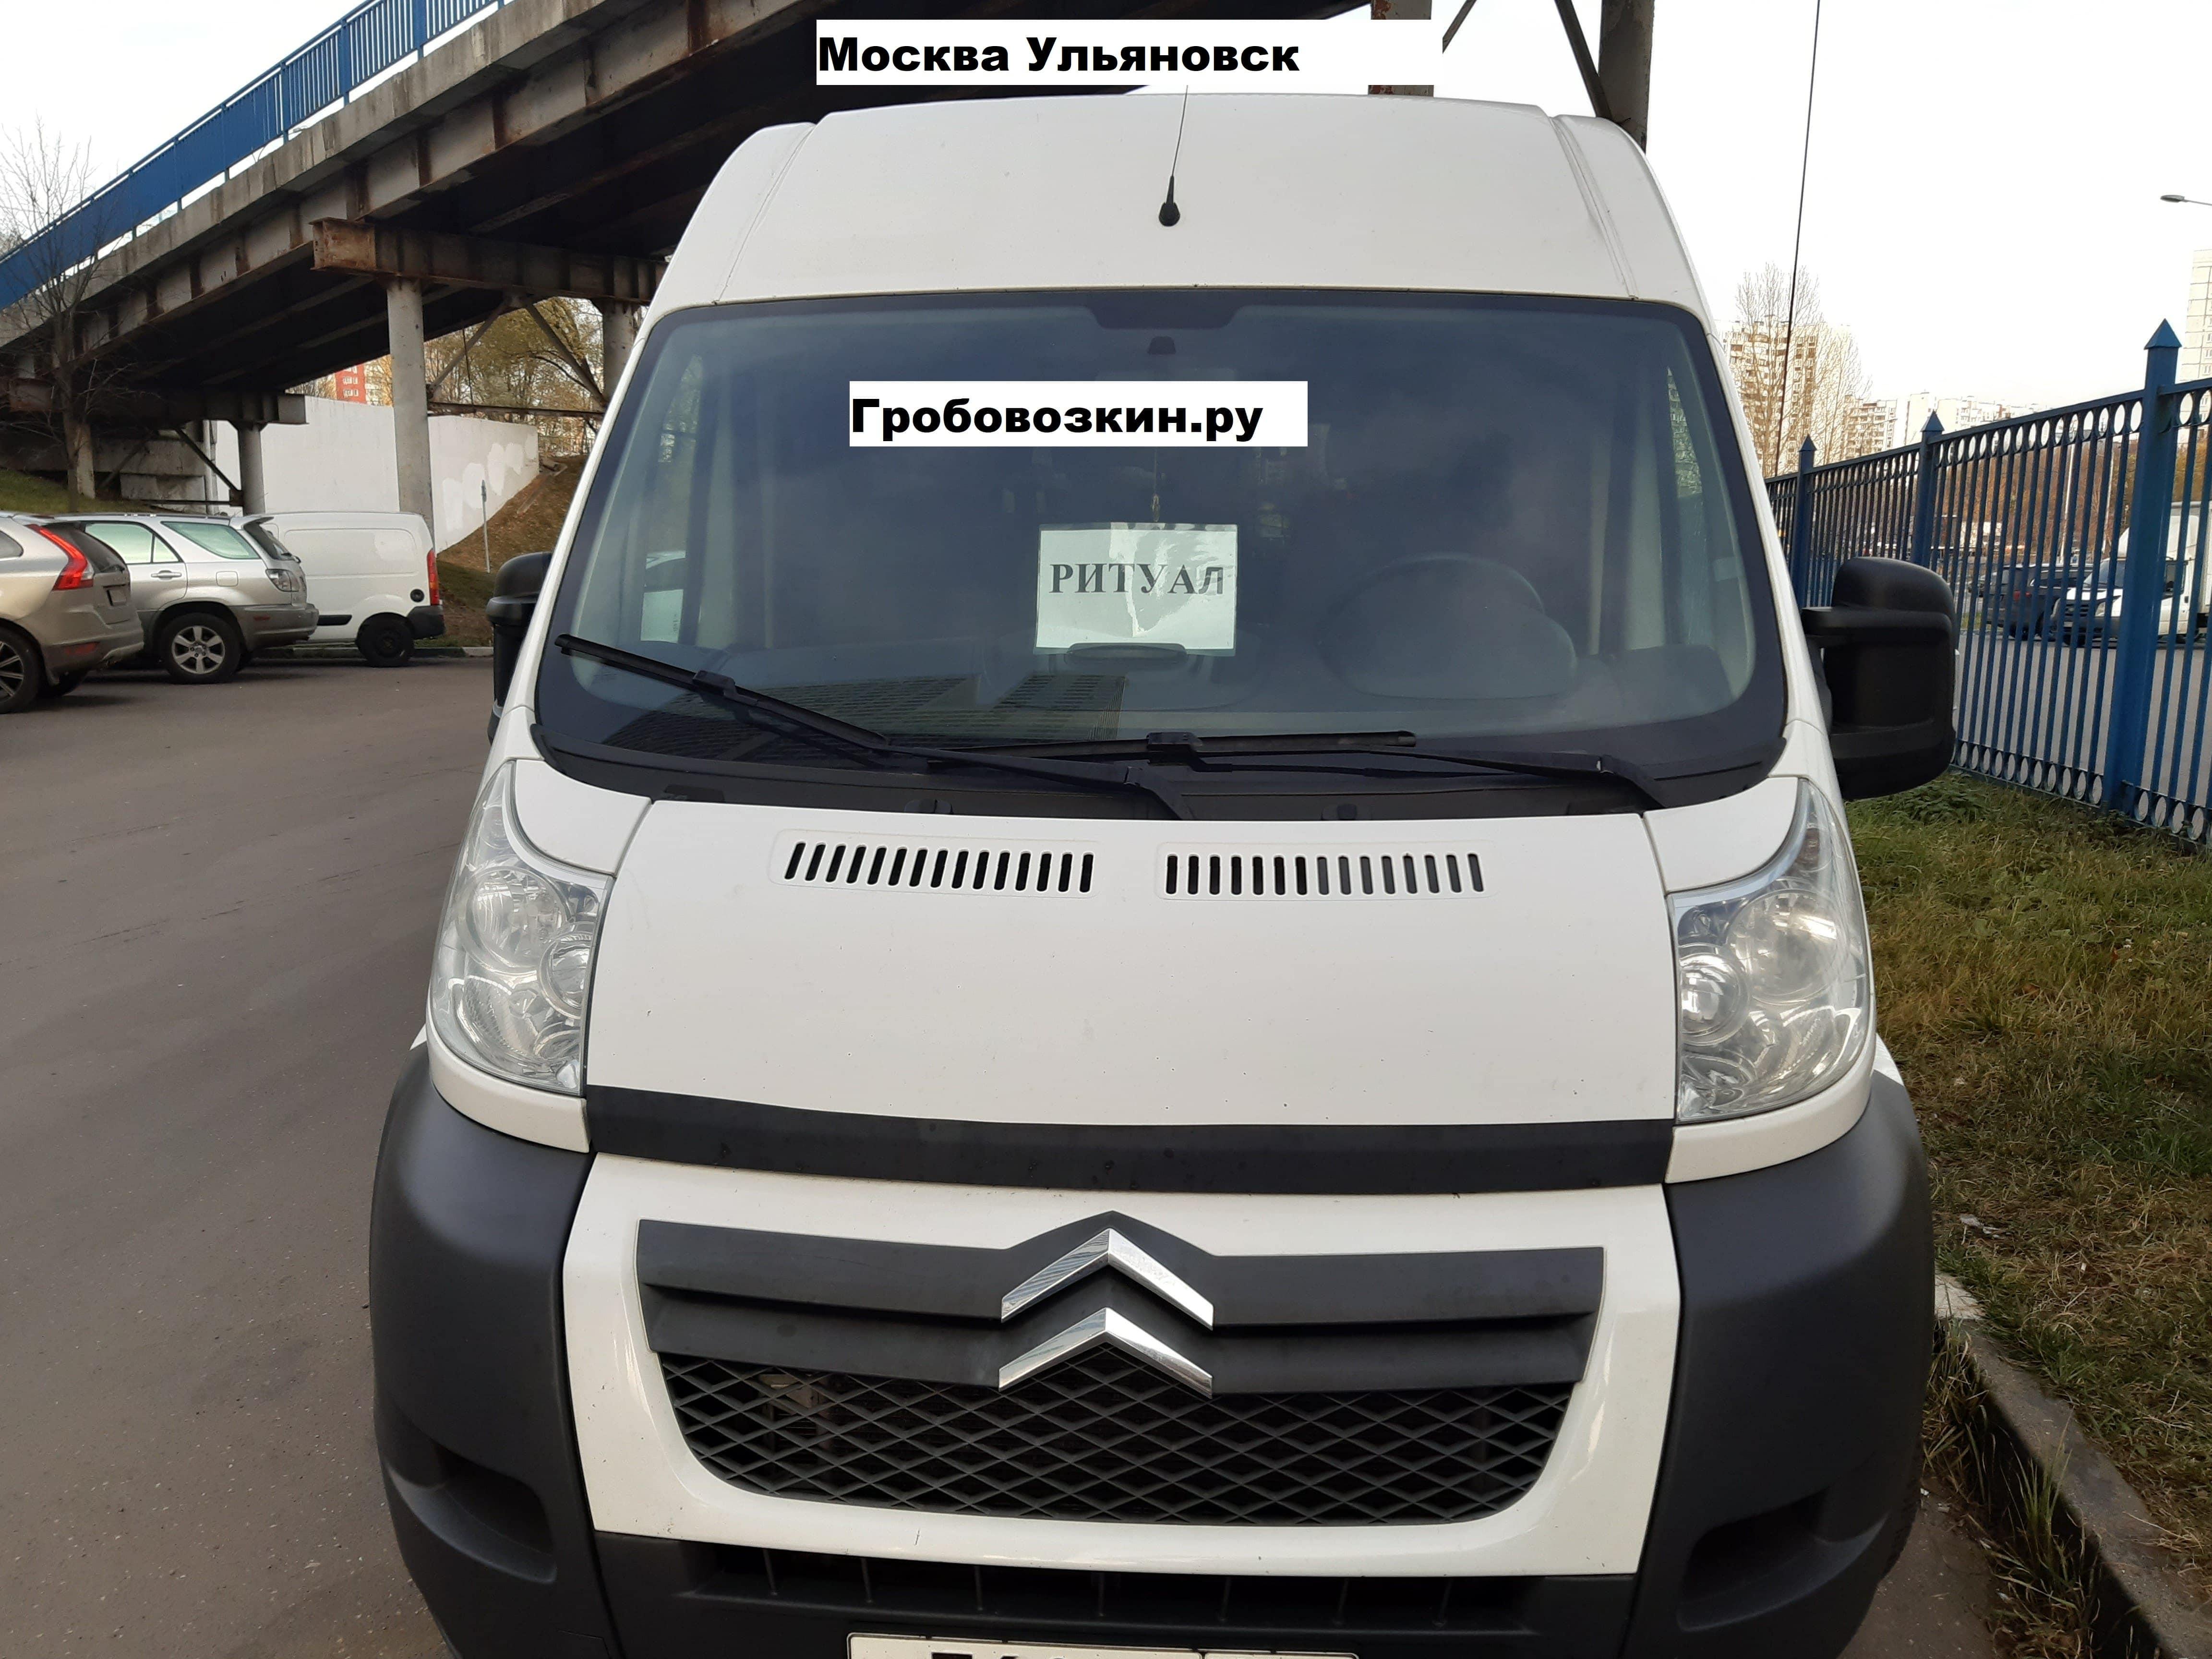 Катафалк из Москвы в Ульяновск. Москва Ульяновск перевозка умершего, покойного, груз 200